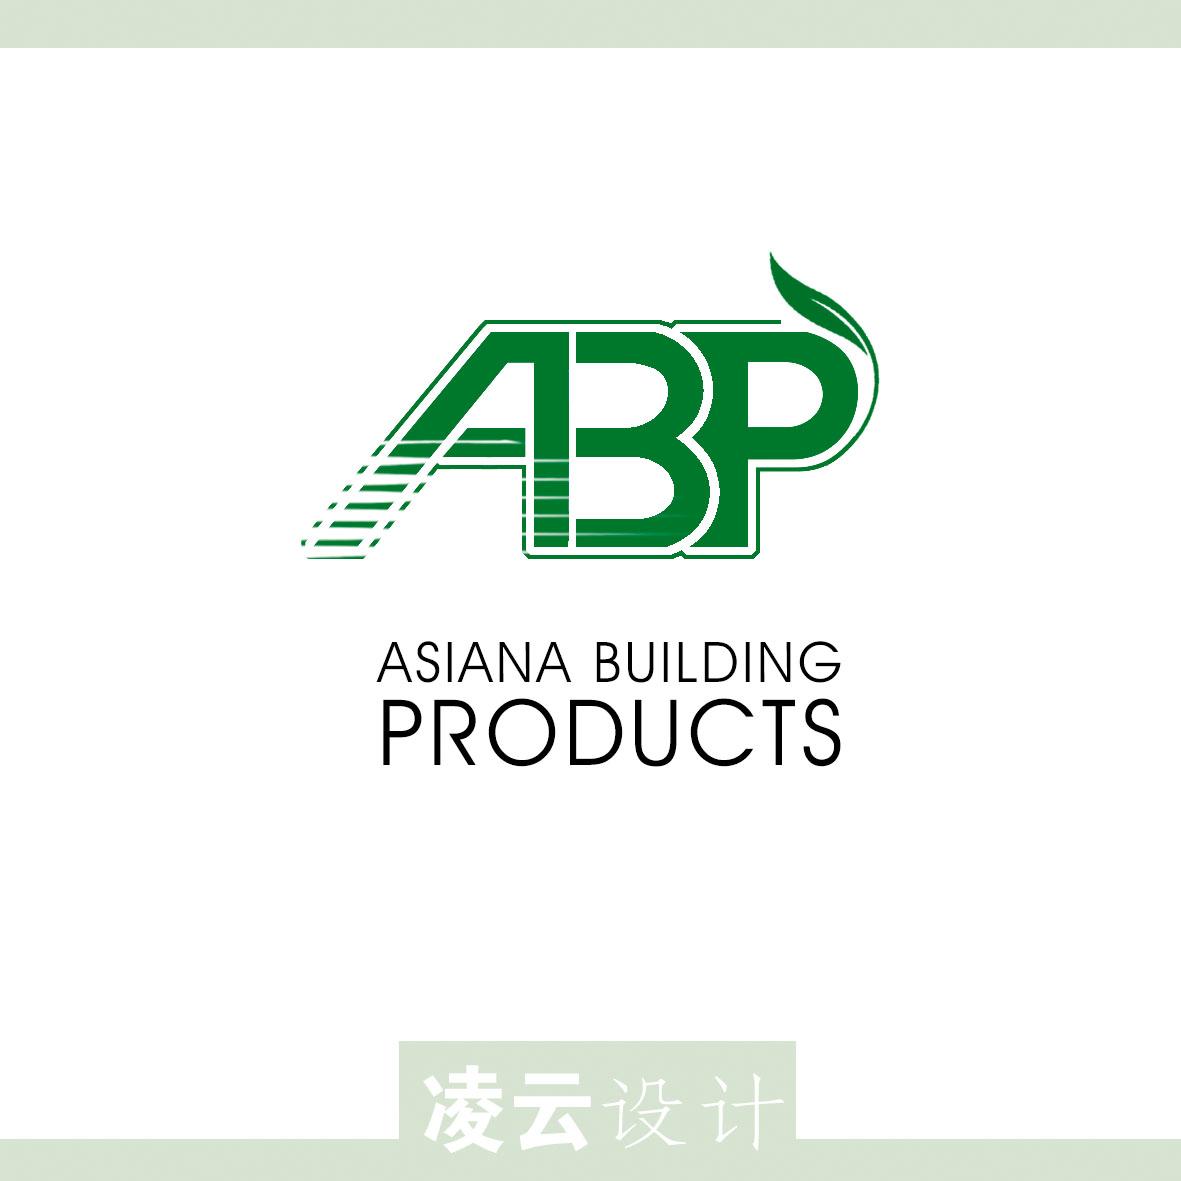 公司标志logo,产品商标设计